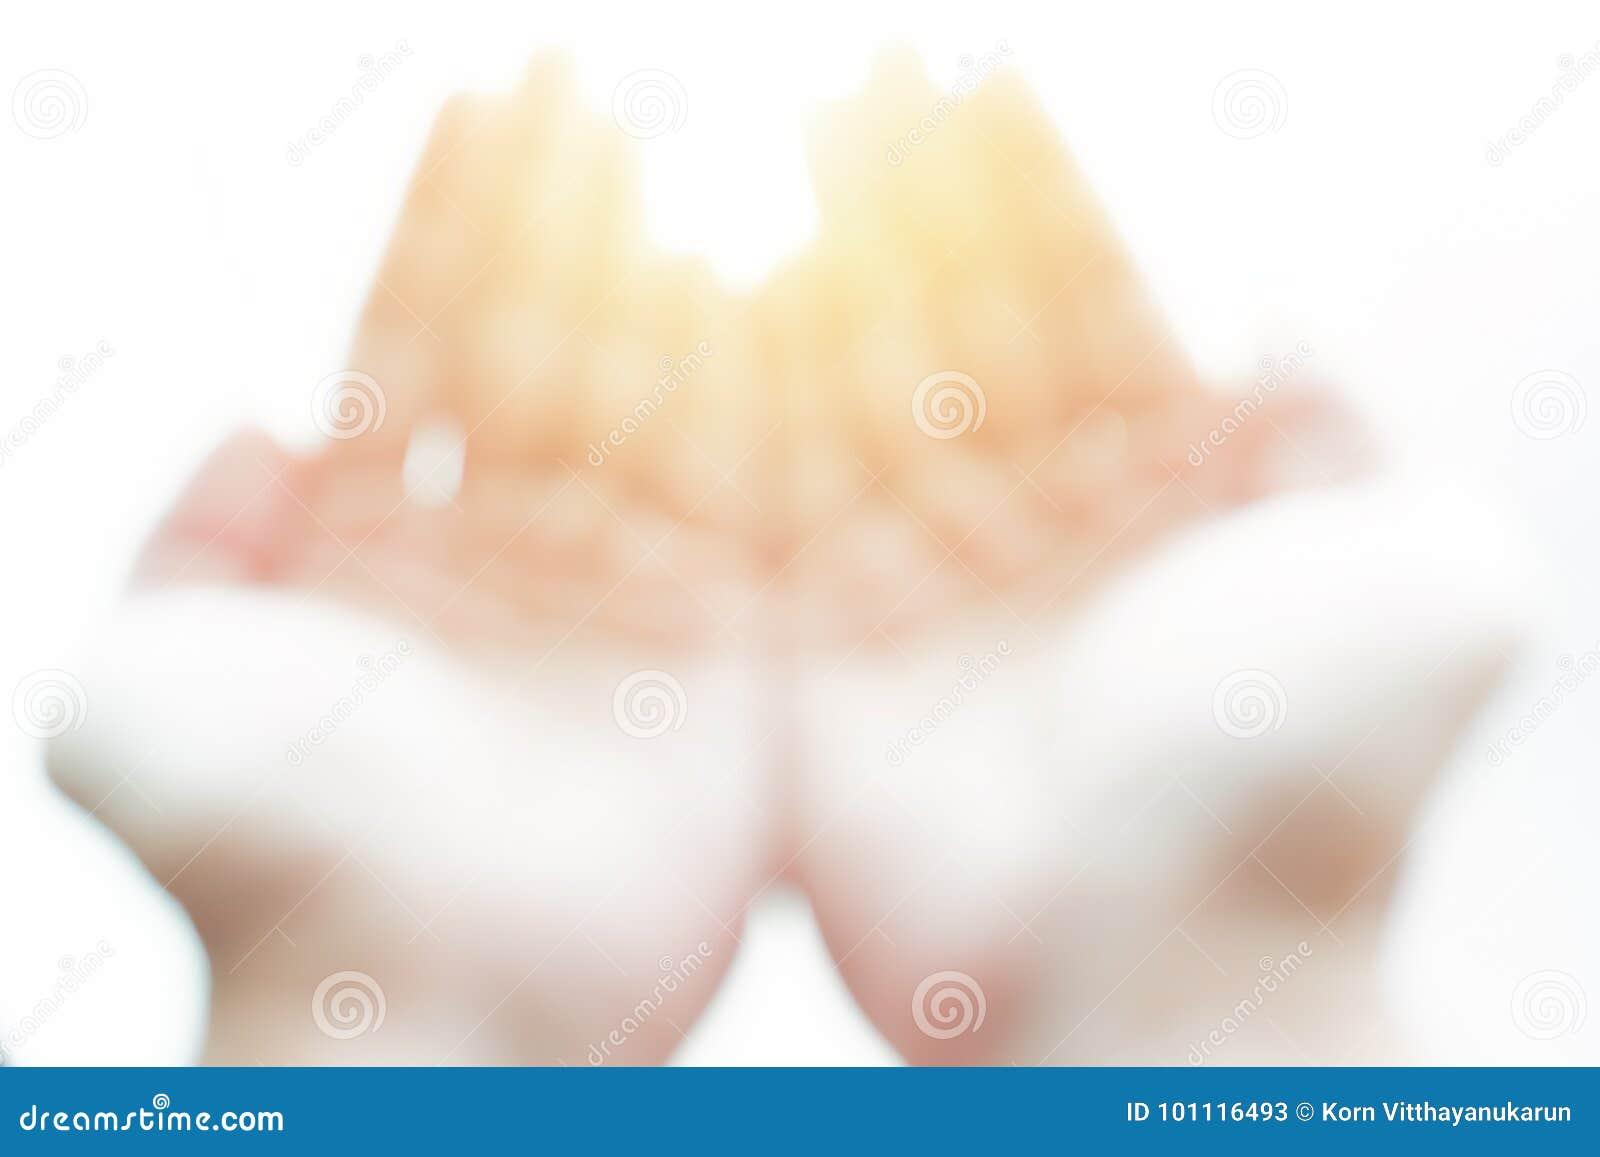 Plamy ręki otwarta palma na bielu z magii światłem pyta bóg lub prezenta od niebiańskiego pojęcia